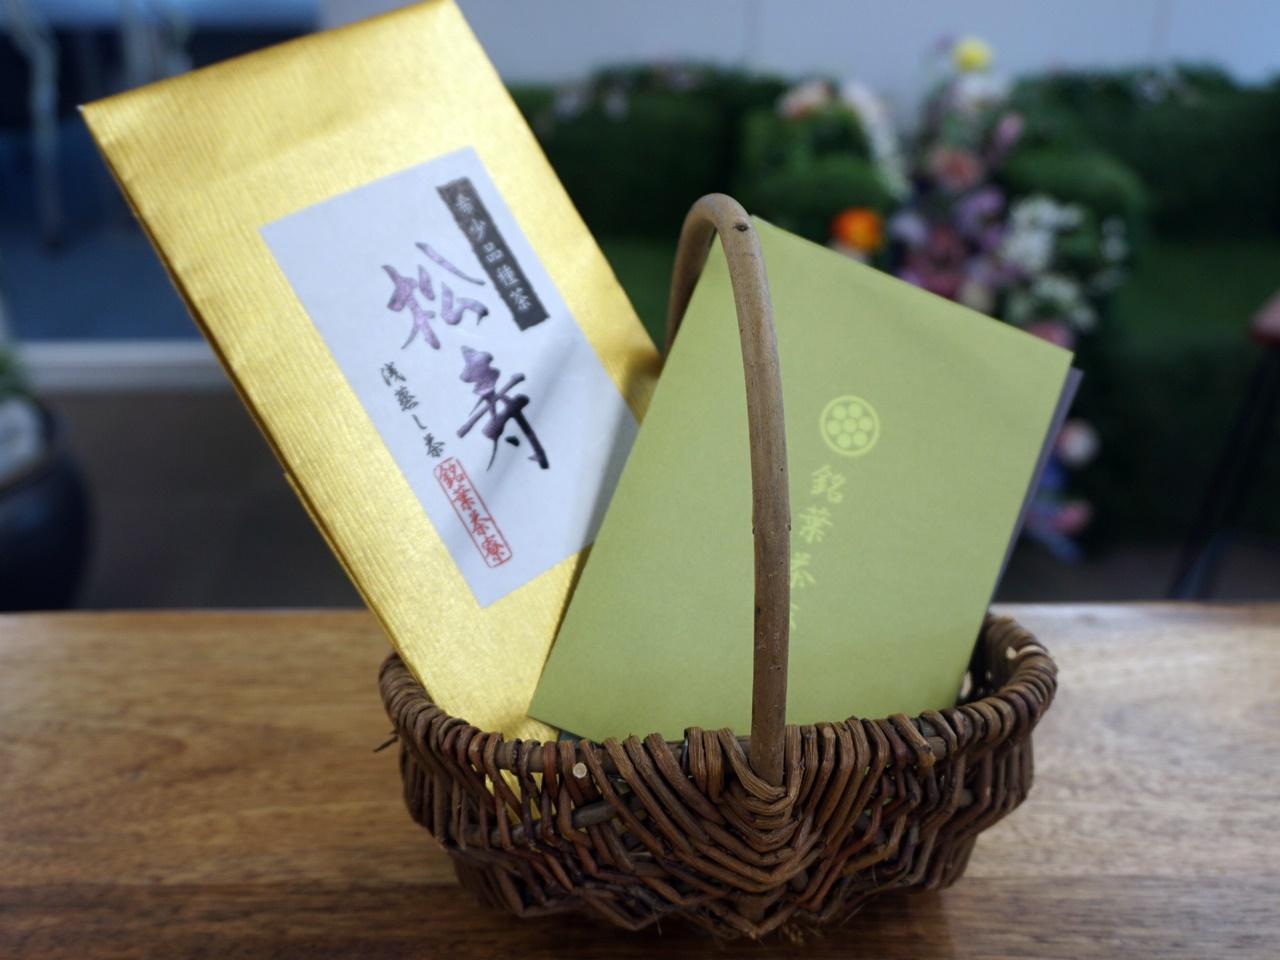 銘葉茶寮「松寿」